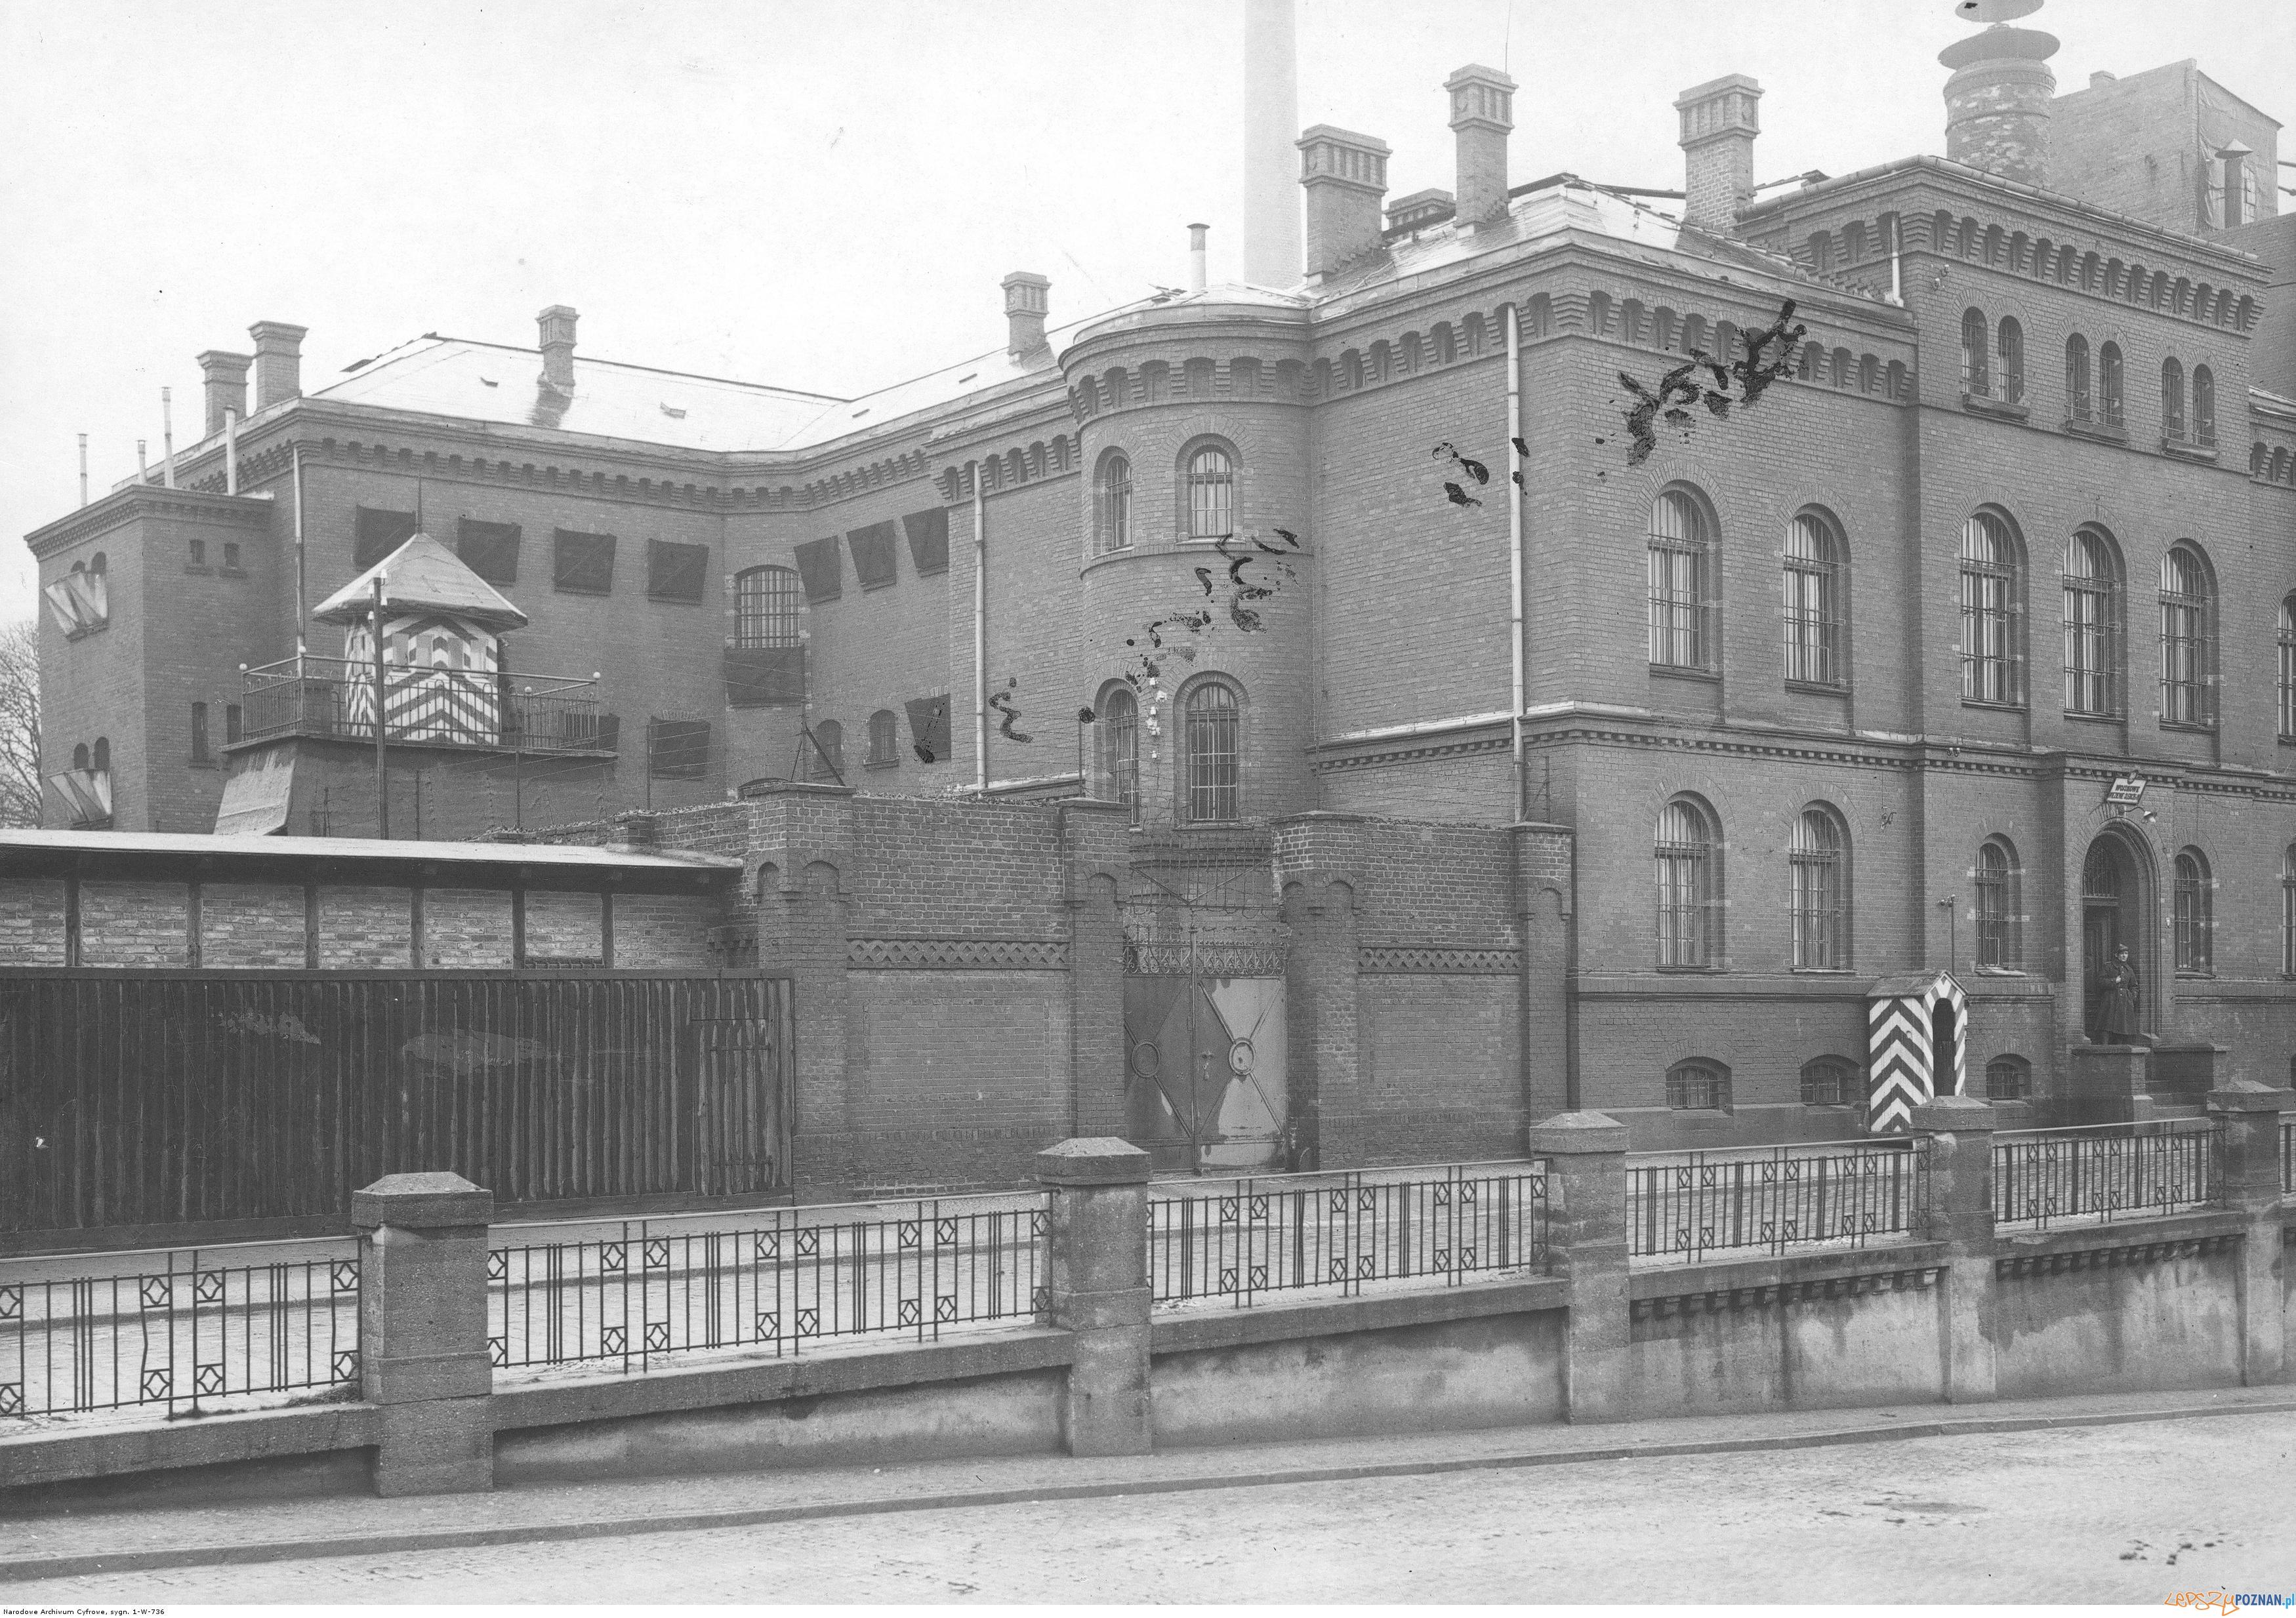 Wojskowe wiezienie sledcze 1931 Kosciuszki  Foto: NAC / IKC / domena publiczna